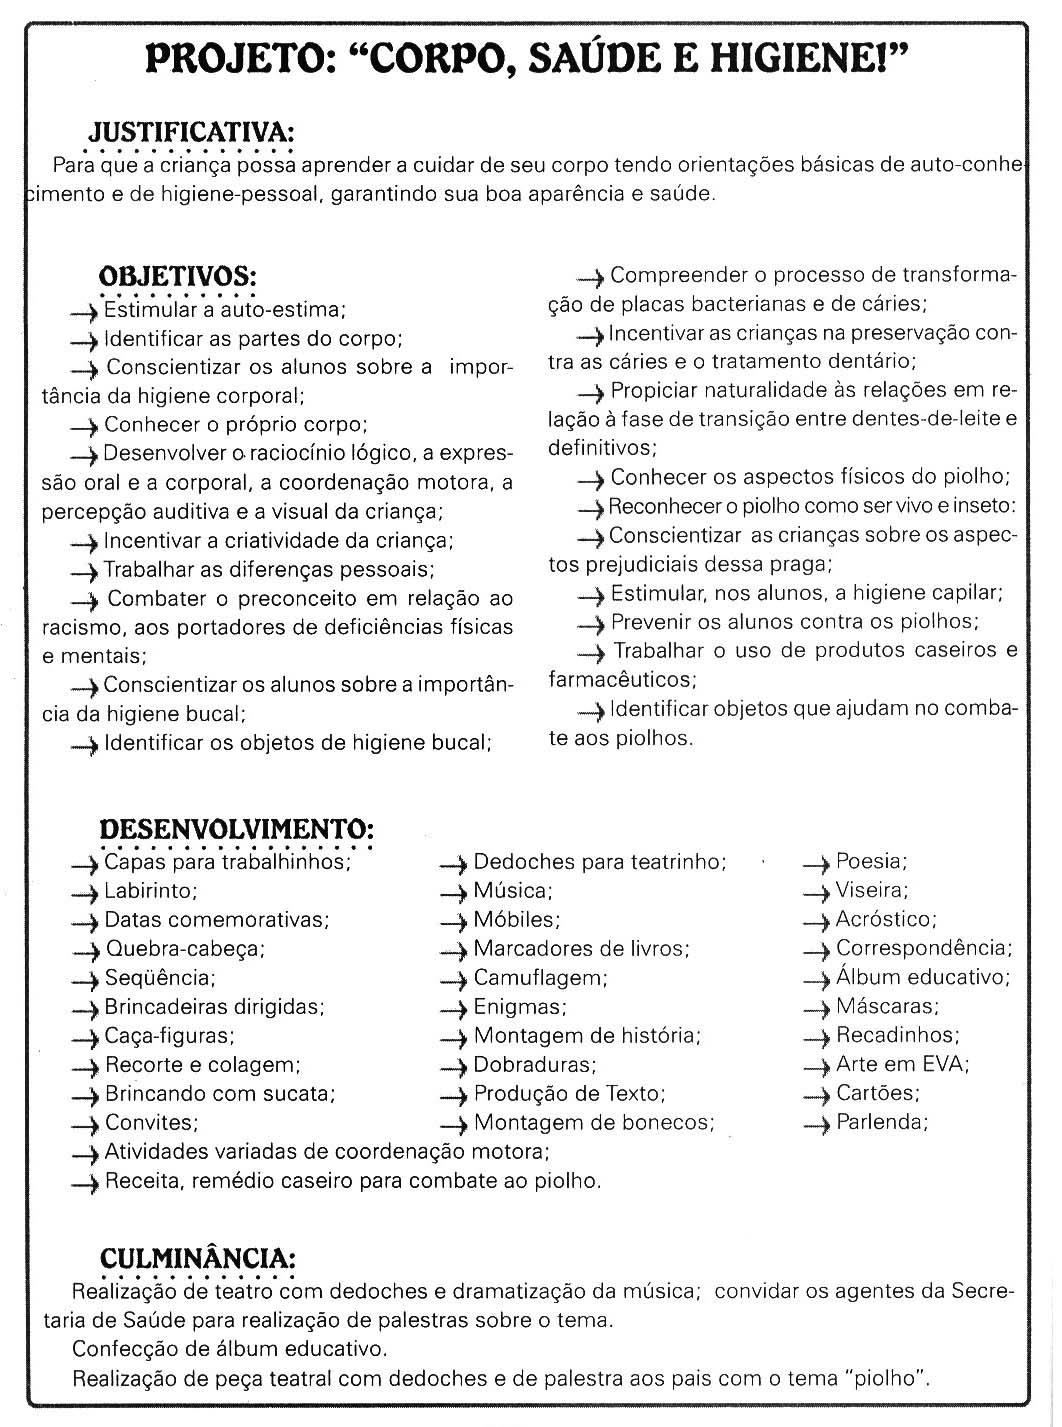 Muito ♥Sugestão De Atividade Escolar♥: Atividades Corpo- Higiene FK99